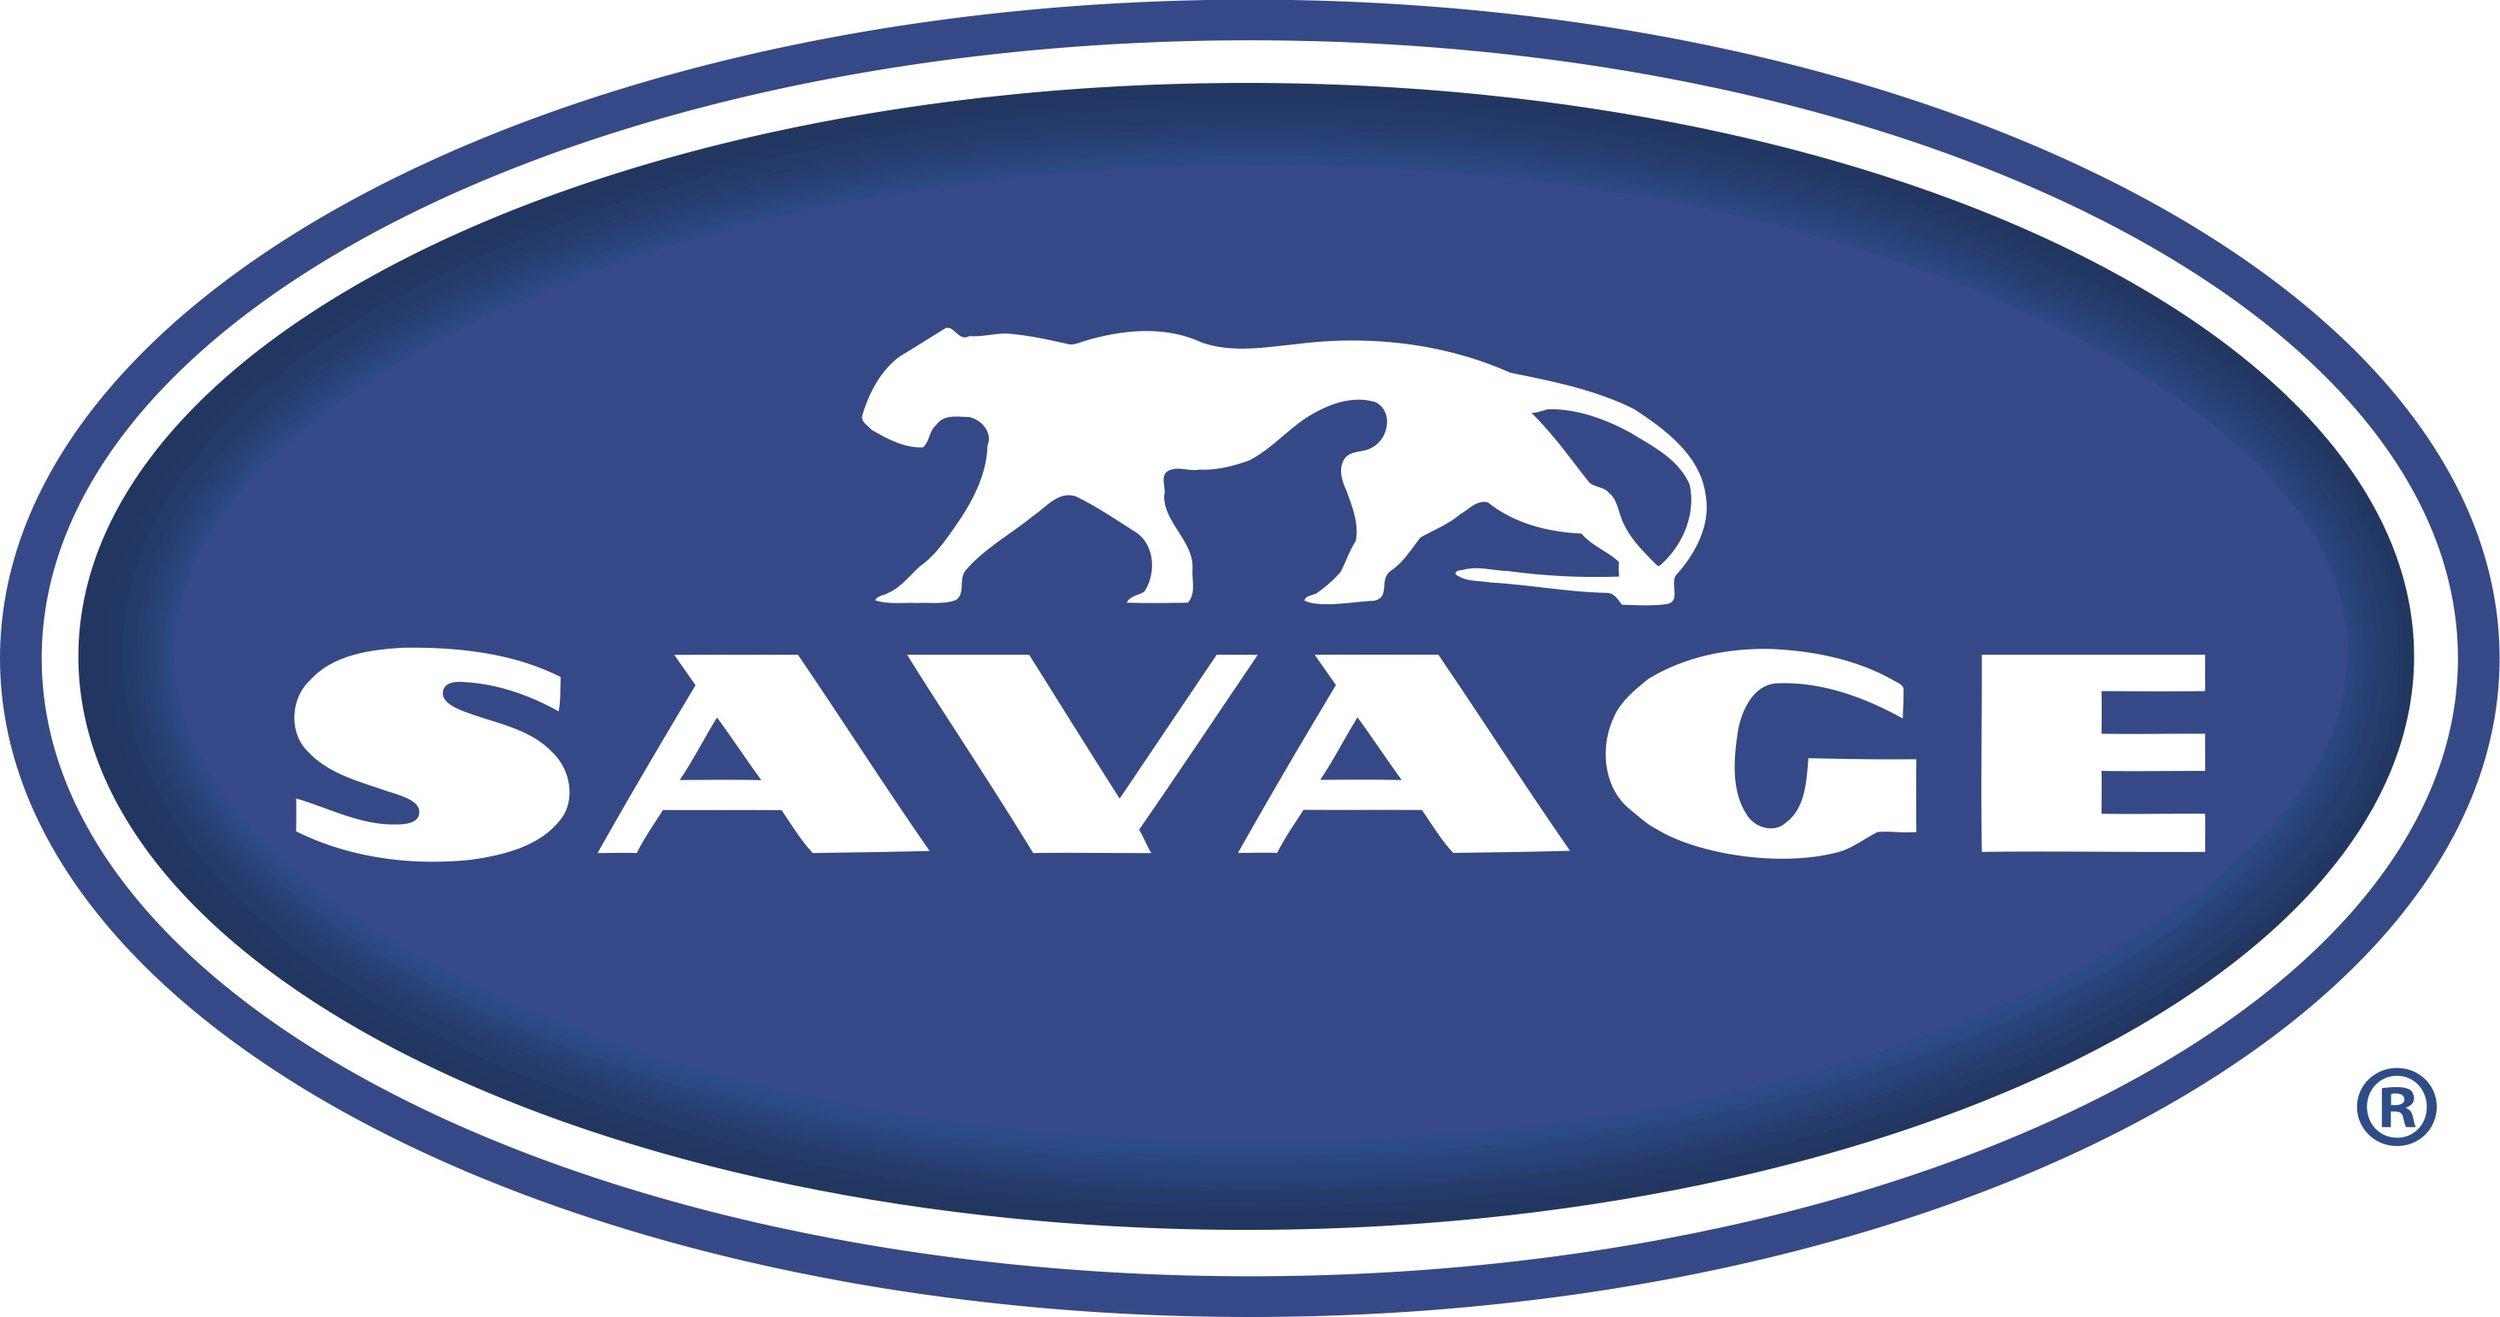 savage logo (1).jpg